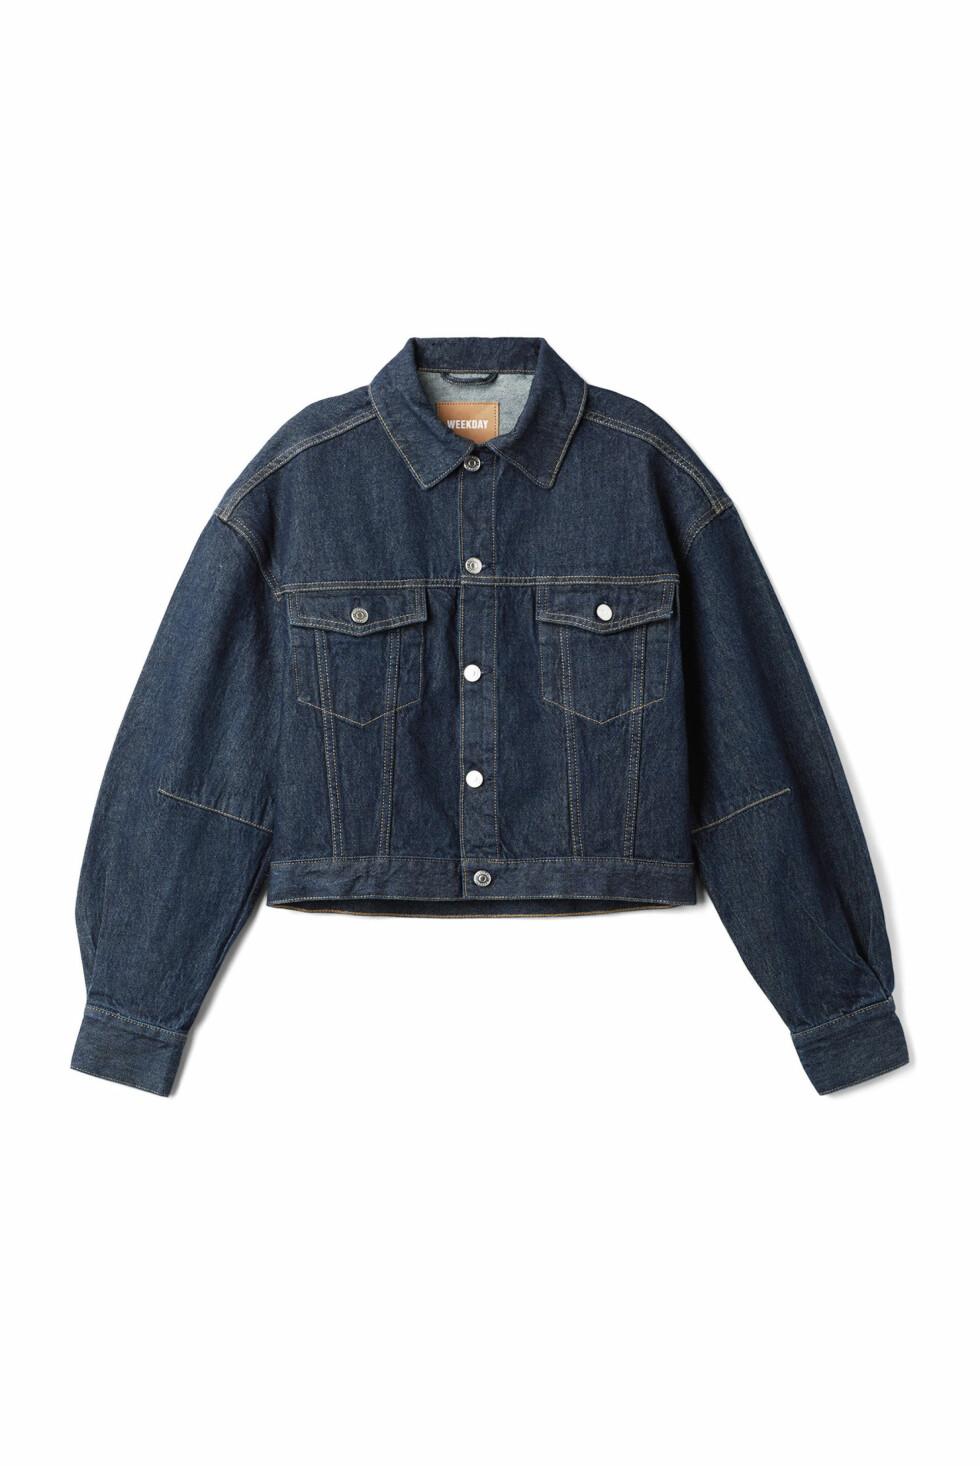 Jakke fra Weekday |600,-| https://www.weekday.com/en_sek/denim/women-denim/jackets/product.otto-cropped-denim-jacket-blue.0591443001.html